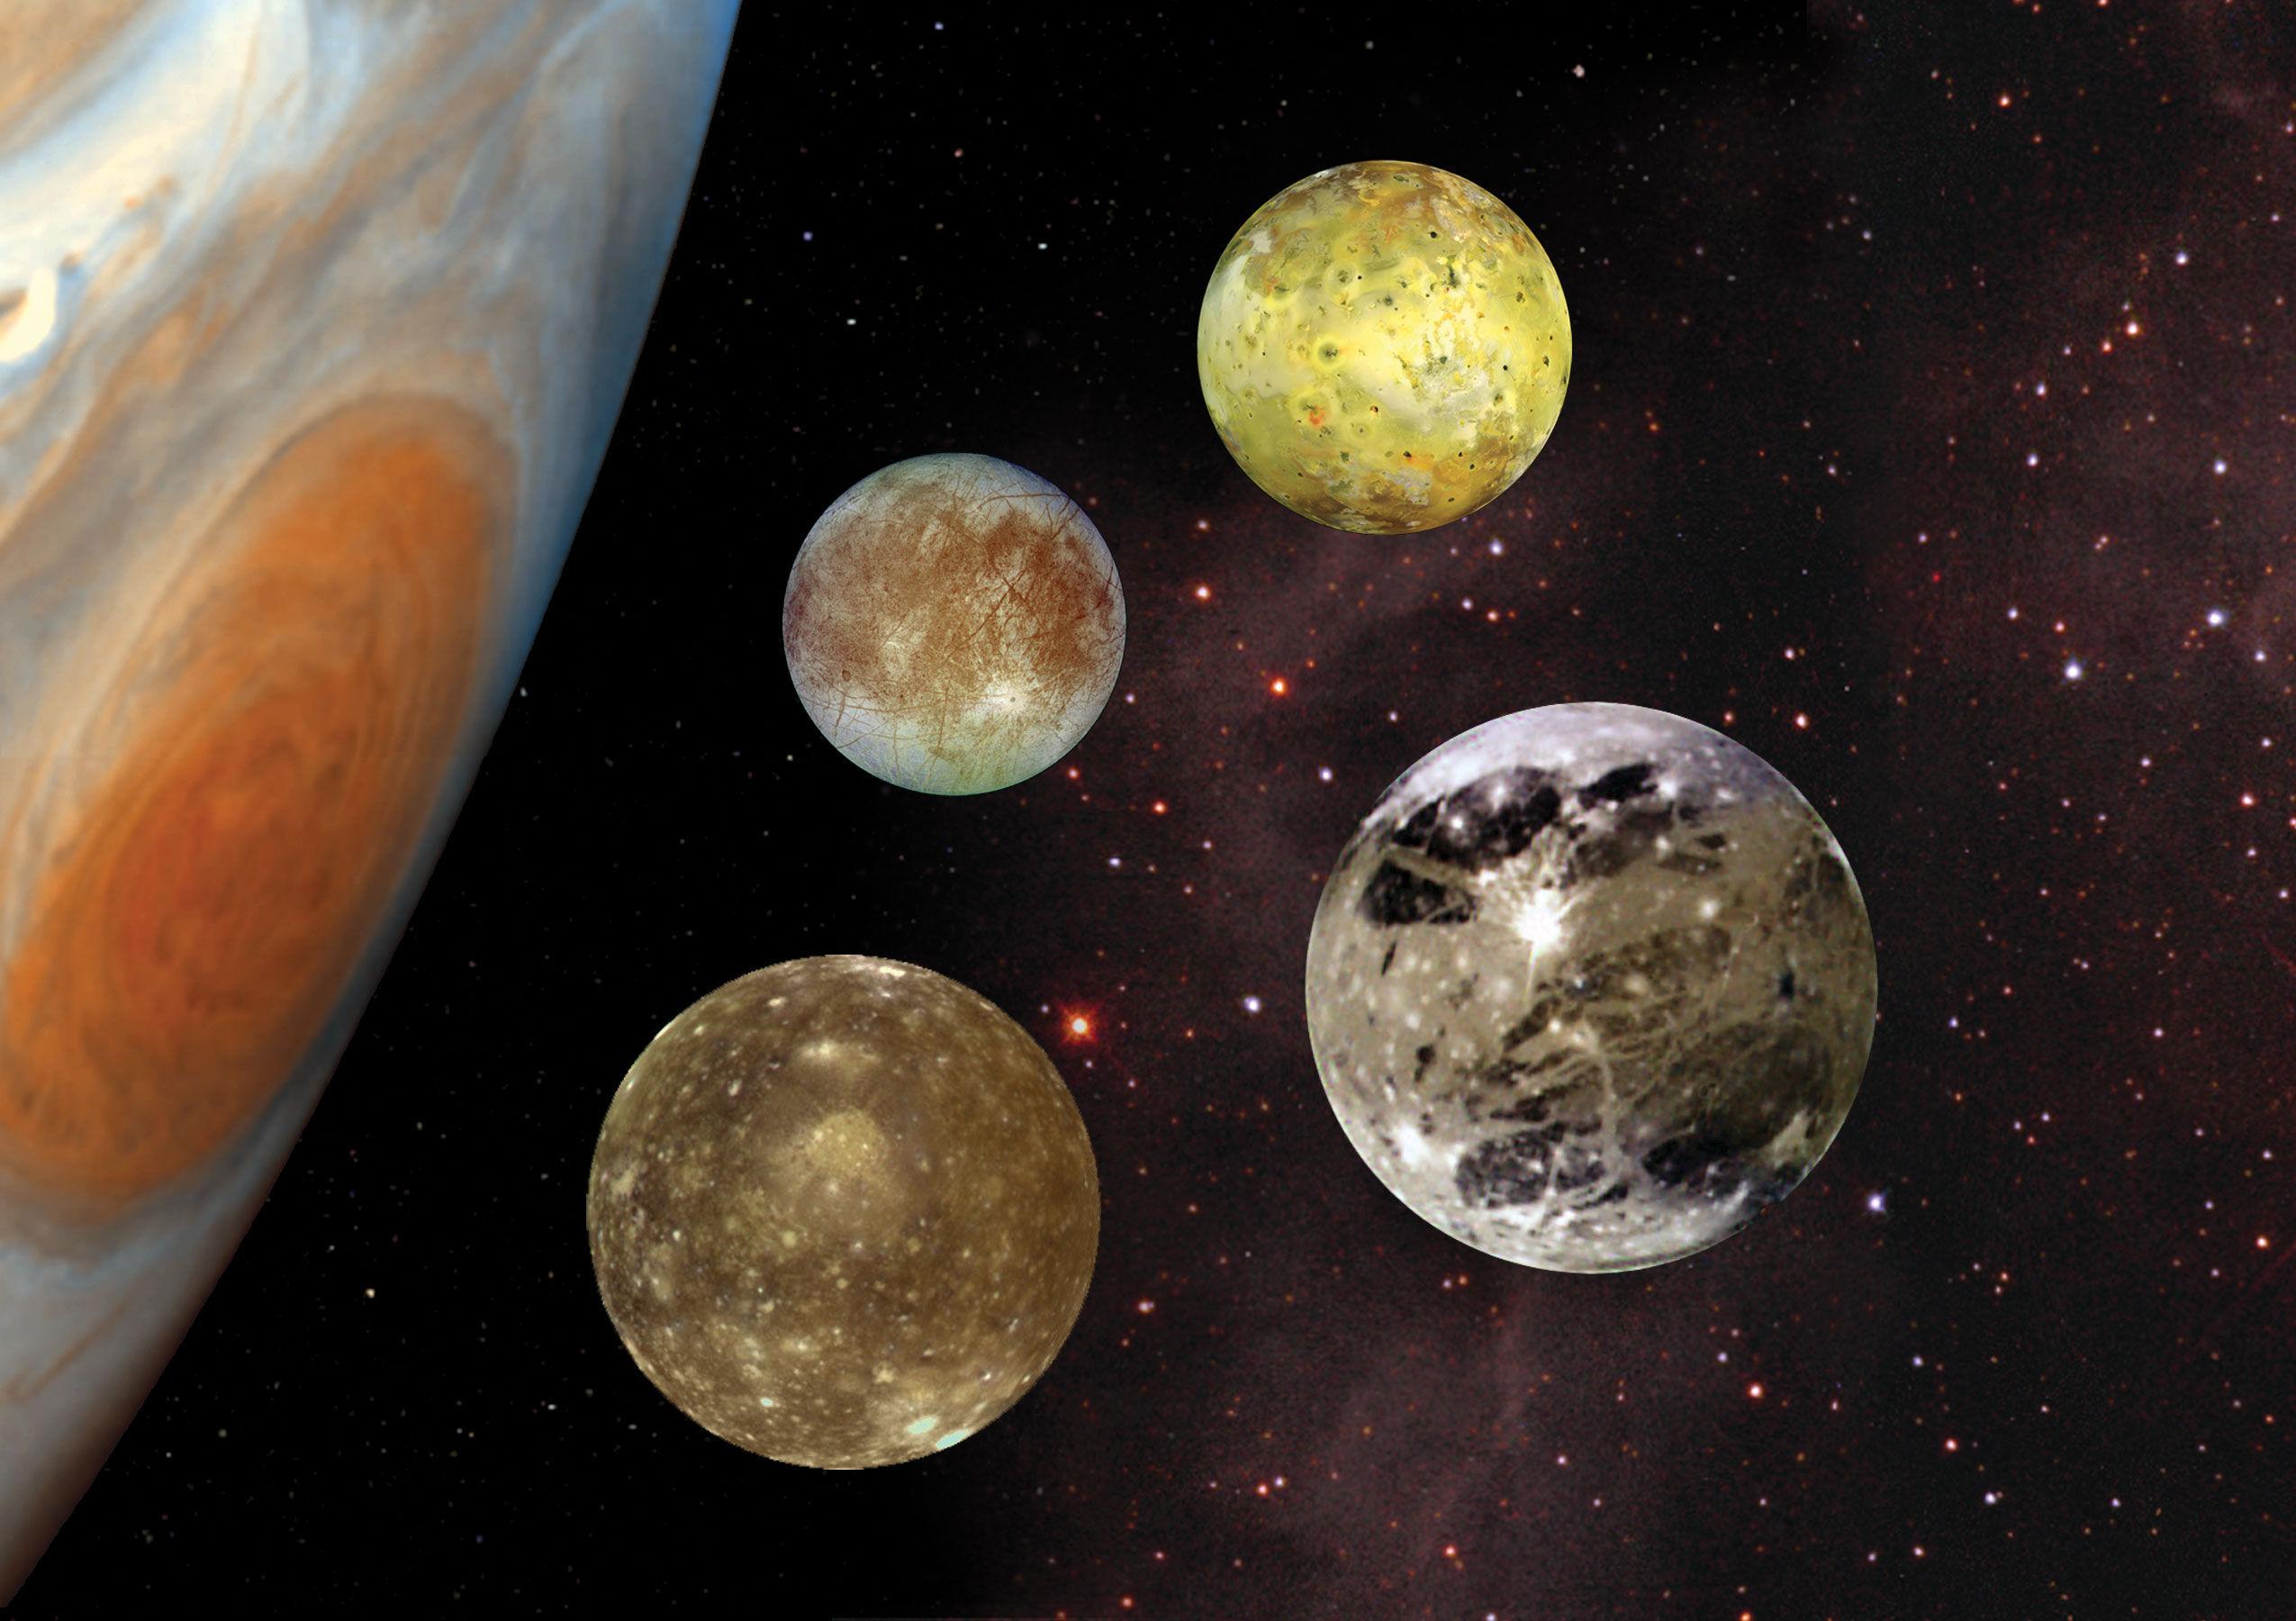 ¿En qué año Galileo Galilei descubre los satélites de Júpiter?